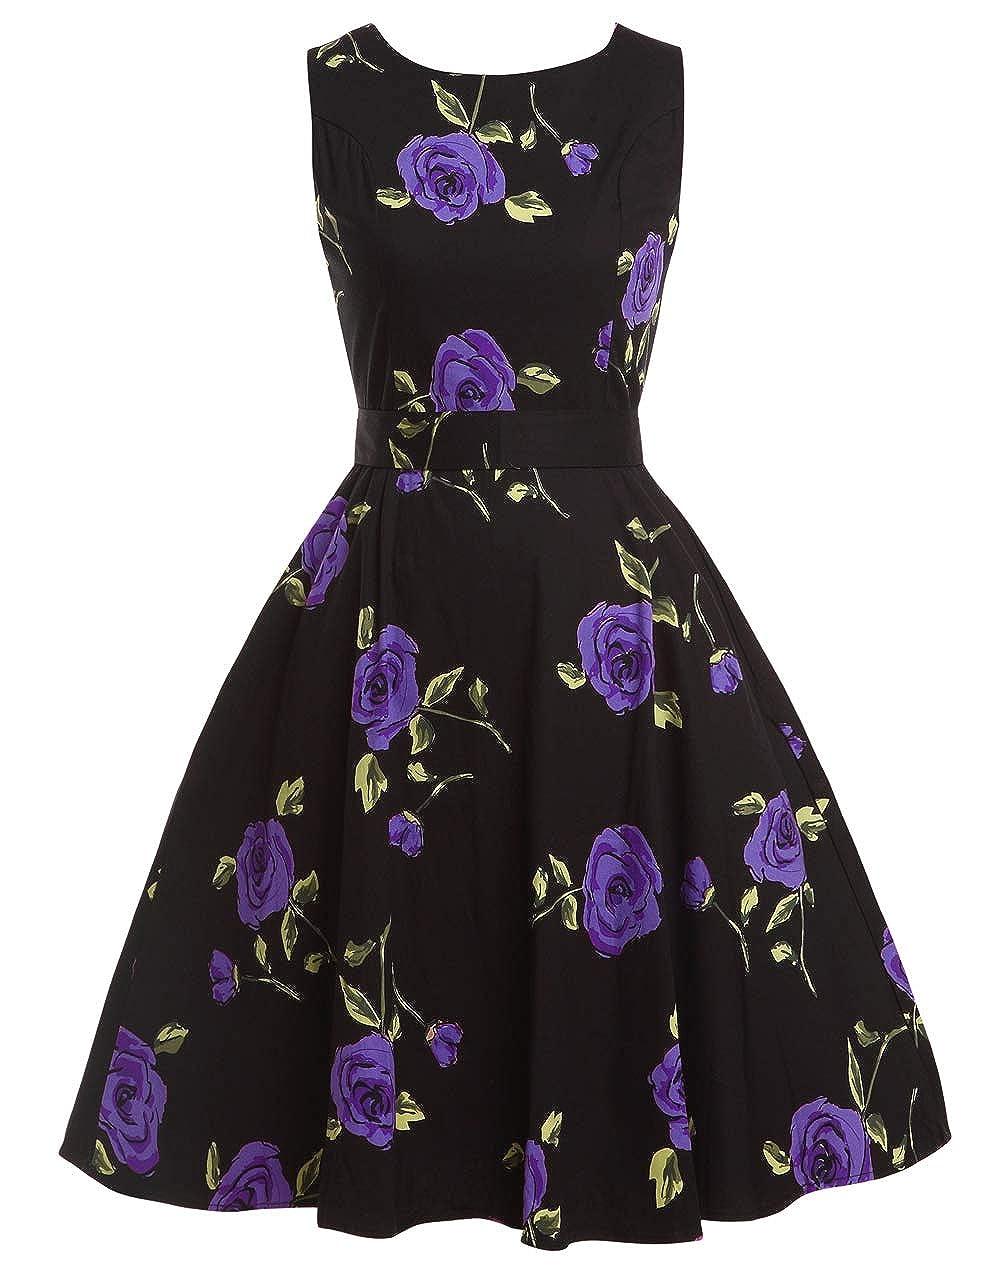 TALLA 4XL. FAIRY COUPLE 50s Vestido de Partido Floral Retro del Oscilación del Cóctel del Vintage con el Arco DRT017 Rosa Negro Floral 4XL